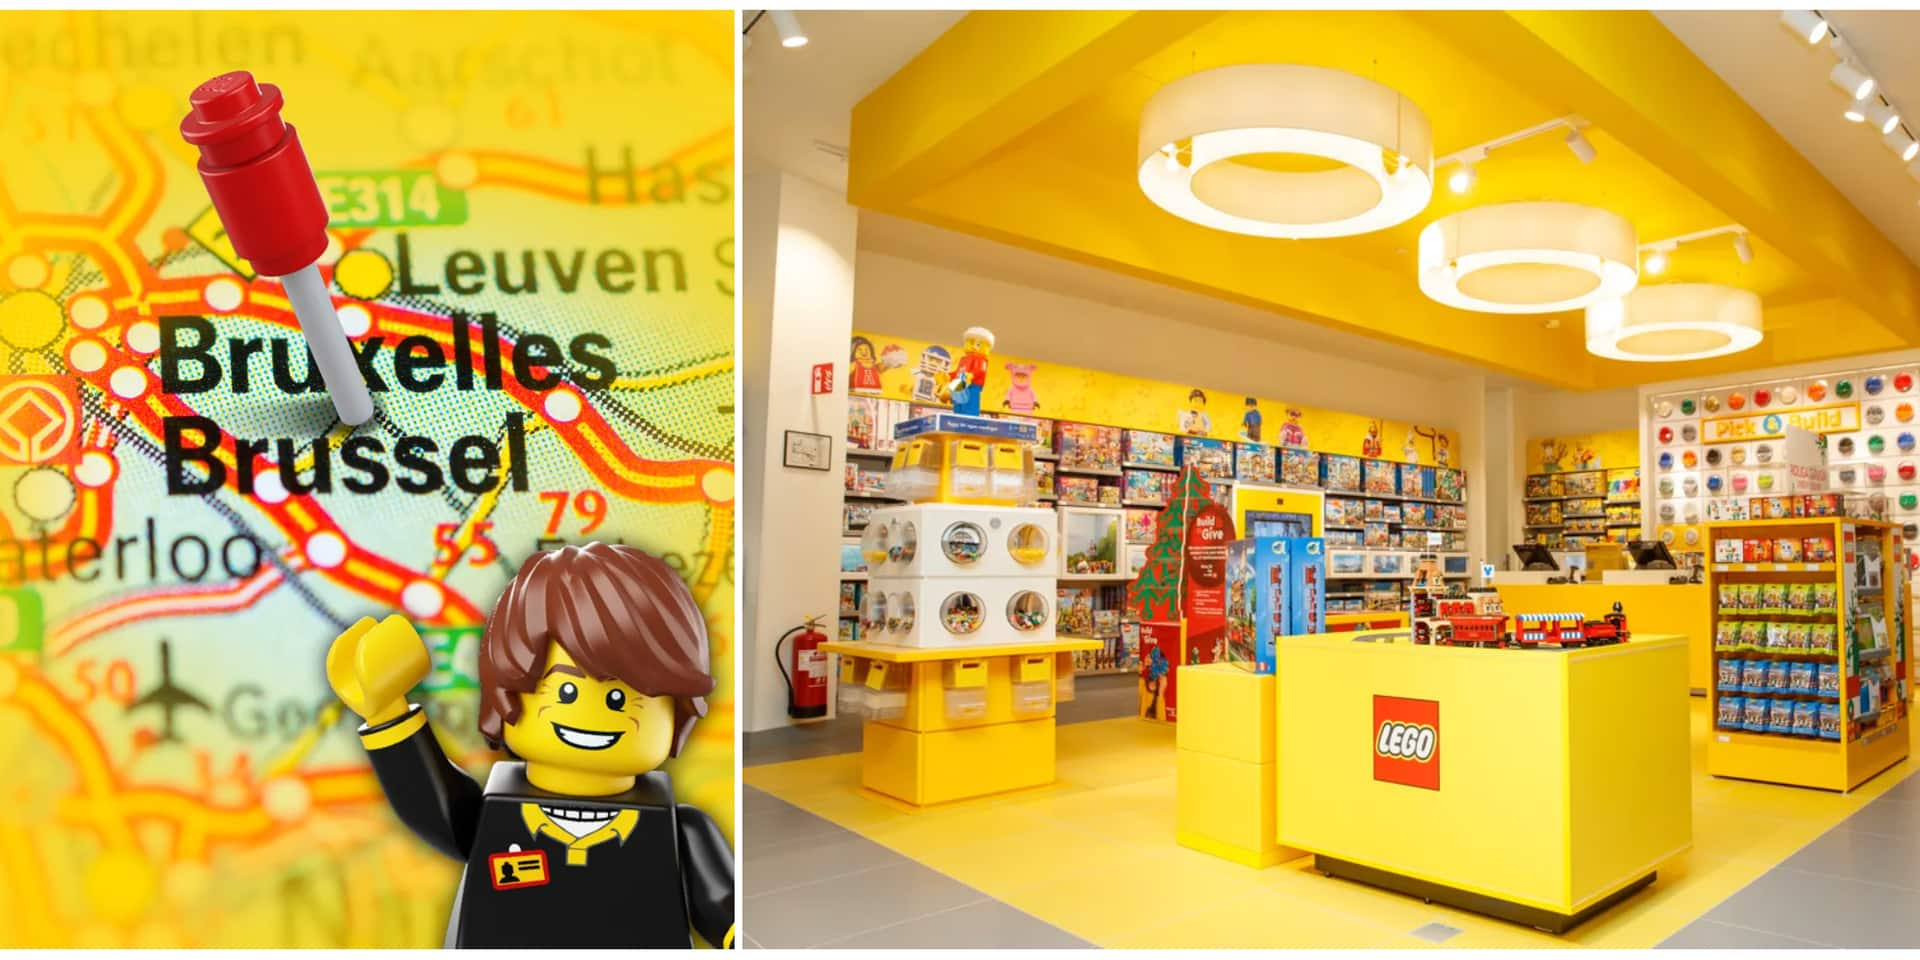 Il y aura bientôt un magasin Lego à Bruxelles !